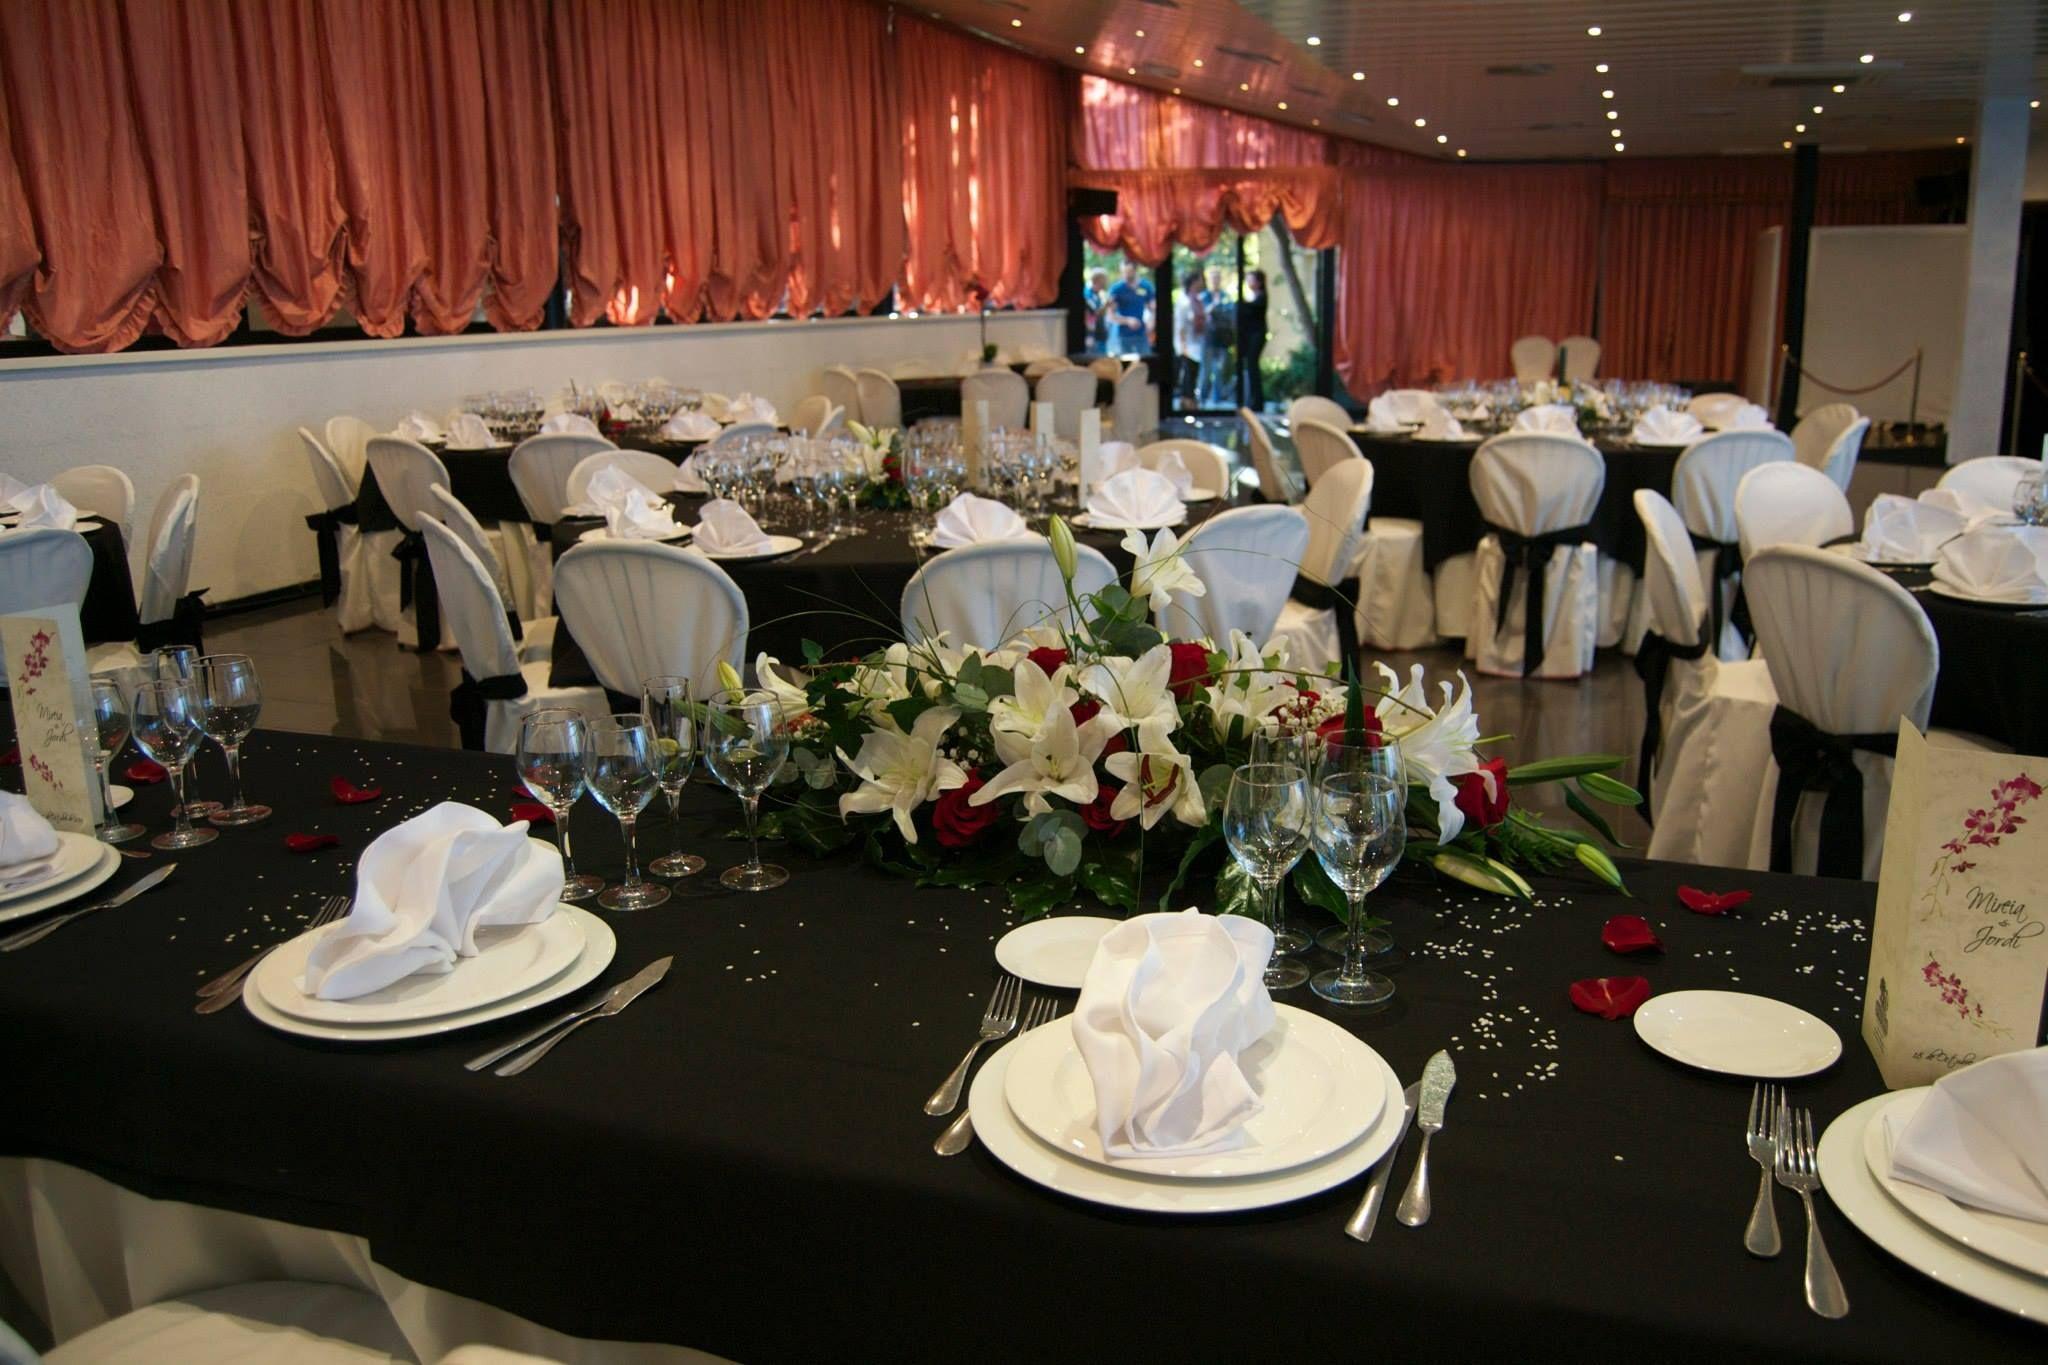 #restaurante #ElLledoner #Vallirana #BaixLlobregat #bodas #banquetes #casaments #esdeveniments